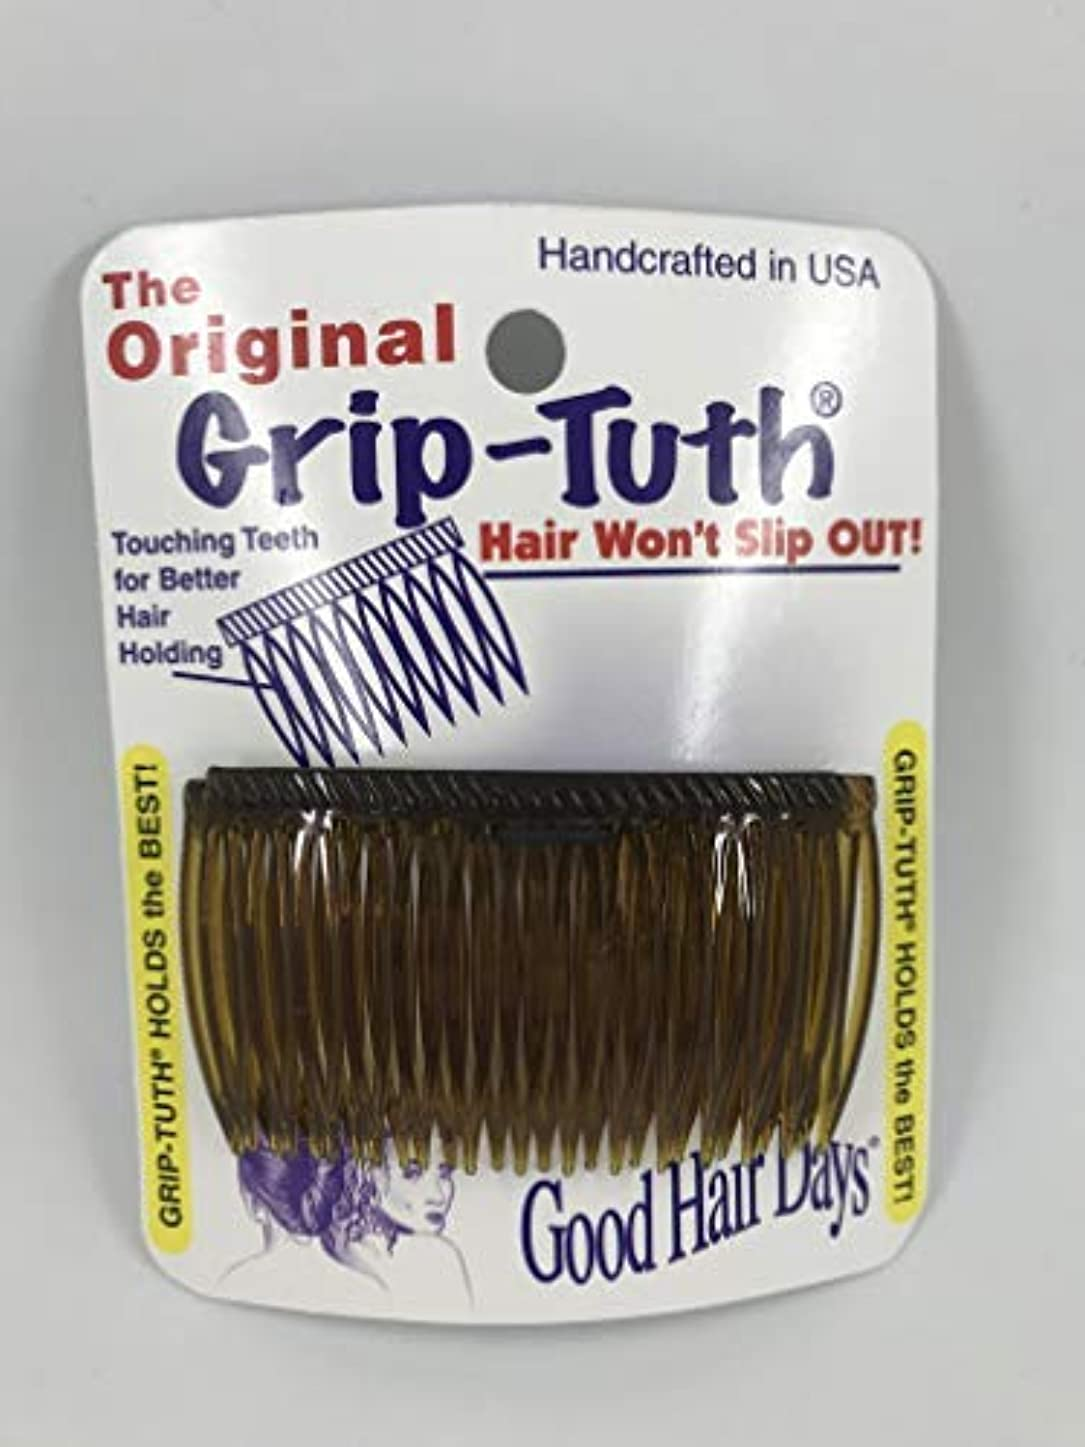 時空気弱いGood Hair Days Grip Tuth Combs 40405 Set of 2, Tortoise Shell Color 2 3/4